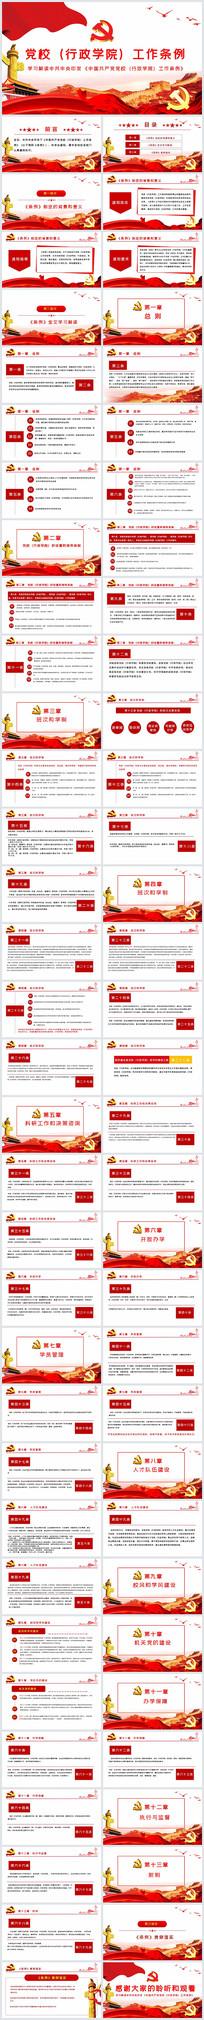 中国共产党党校行政学院工作条例PPT